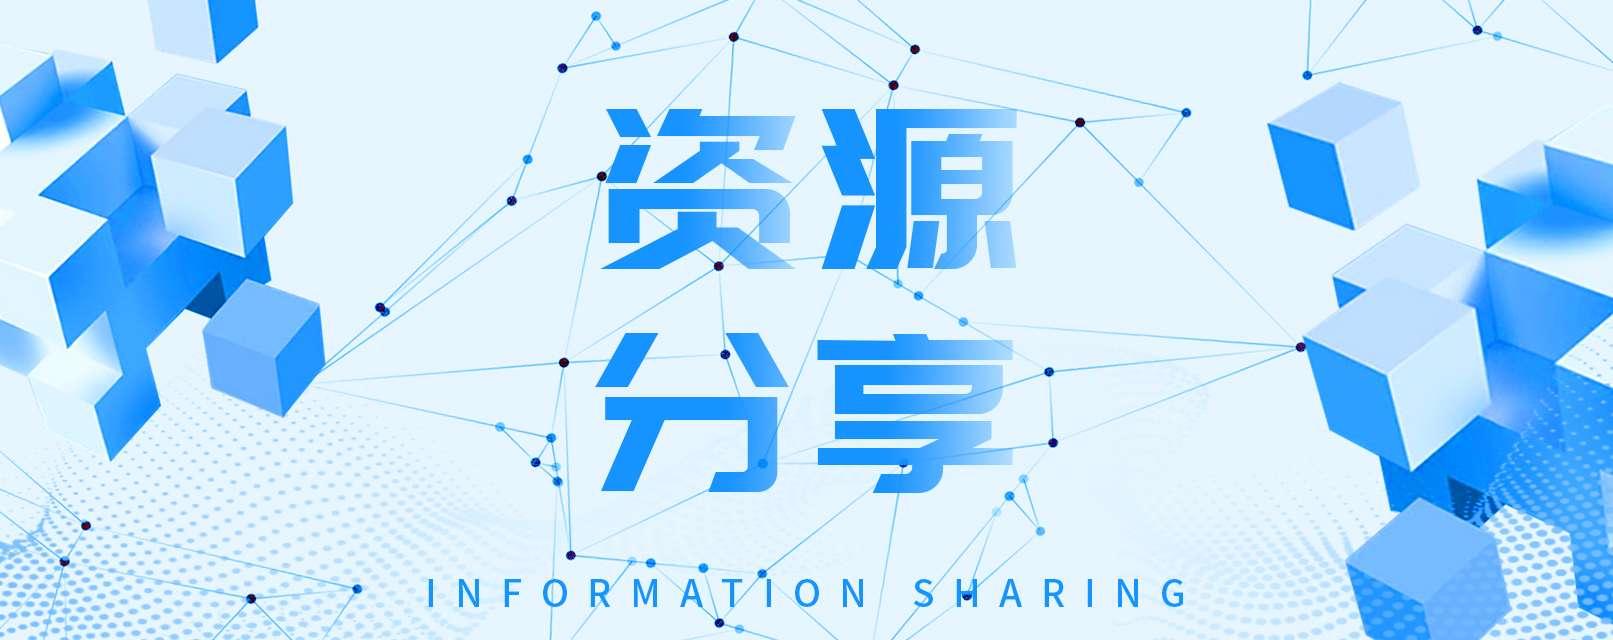 【资源分享】$&wifi万能钥匙(国际版)(WIFI神器)